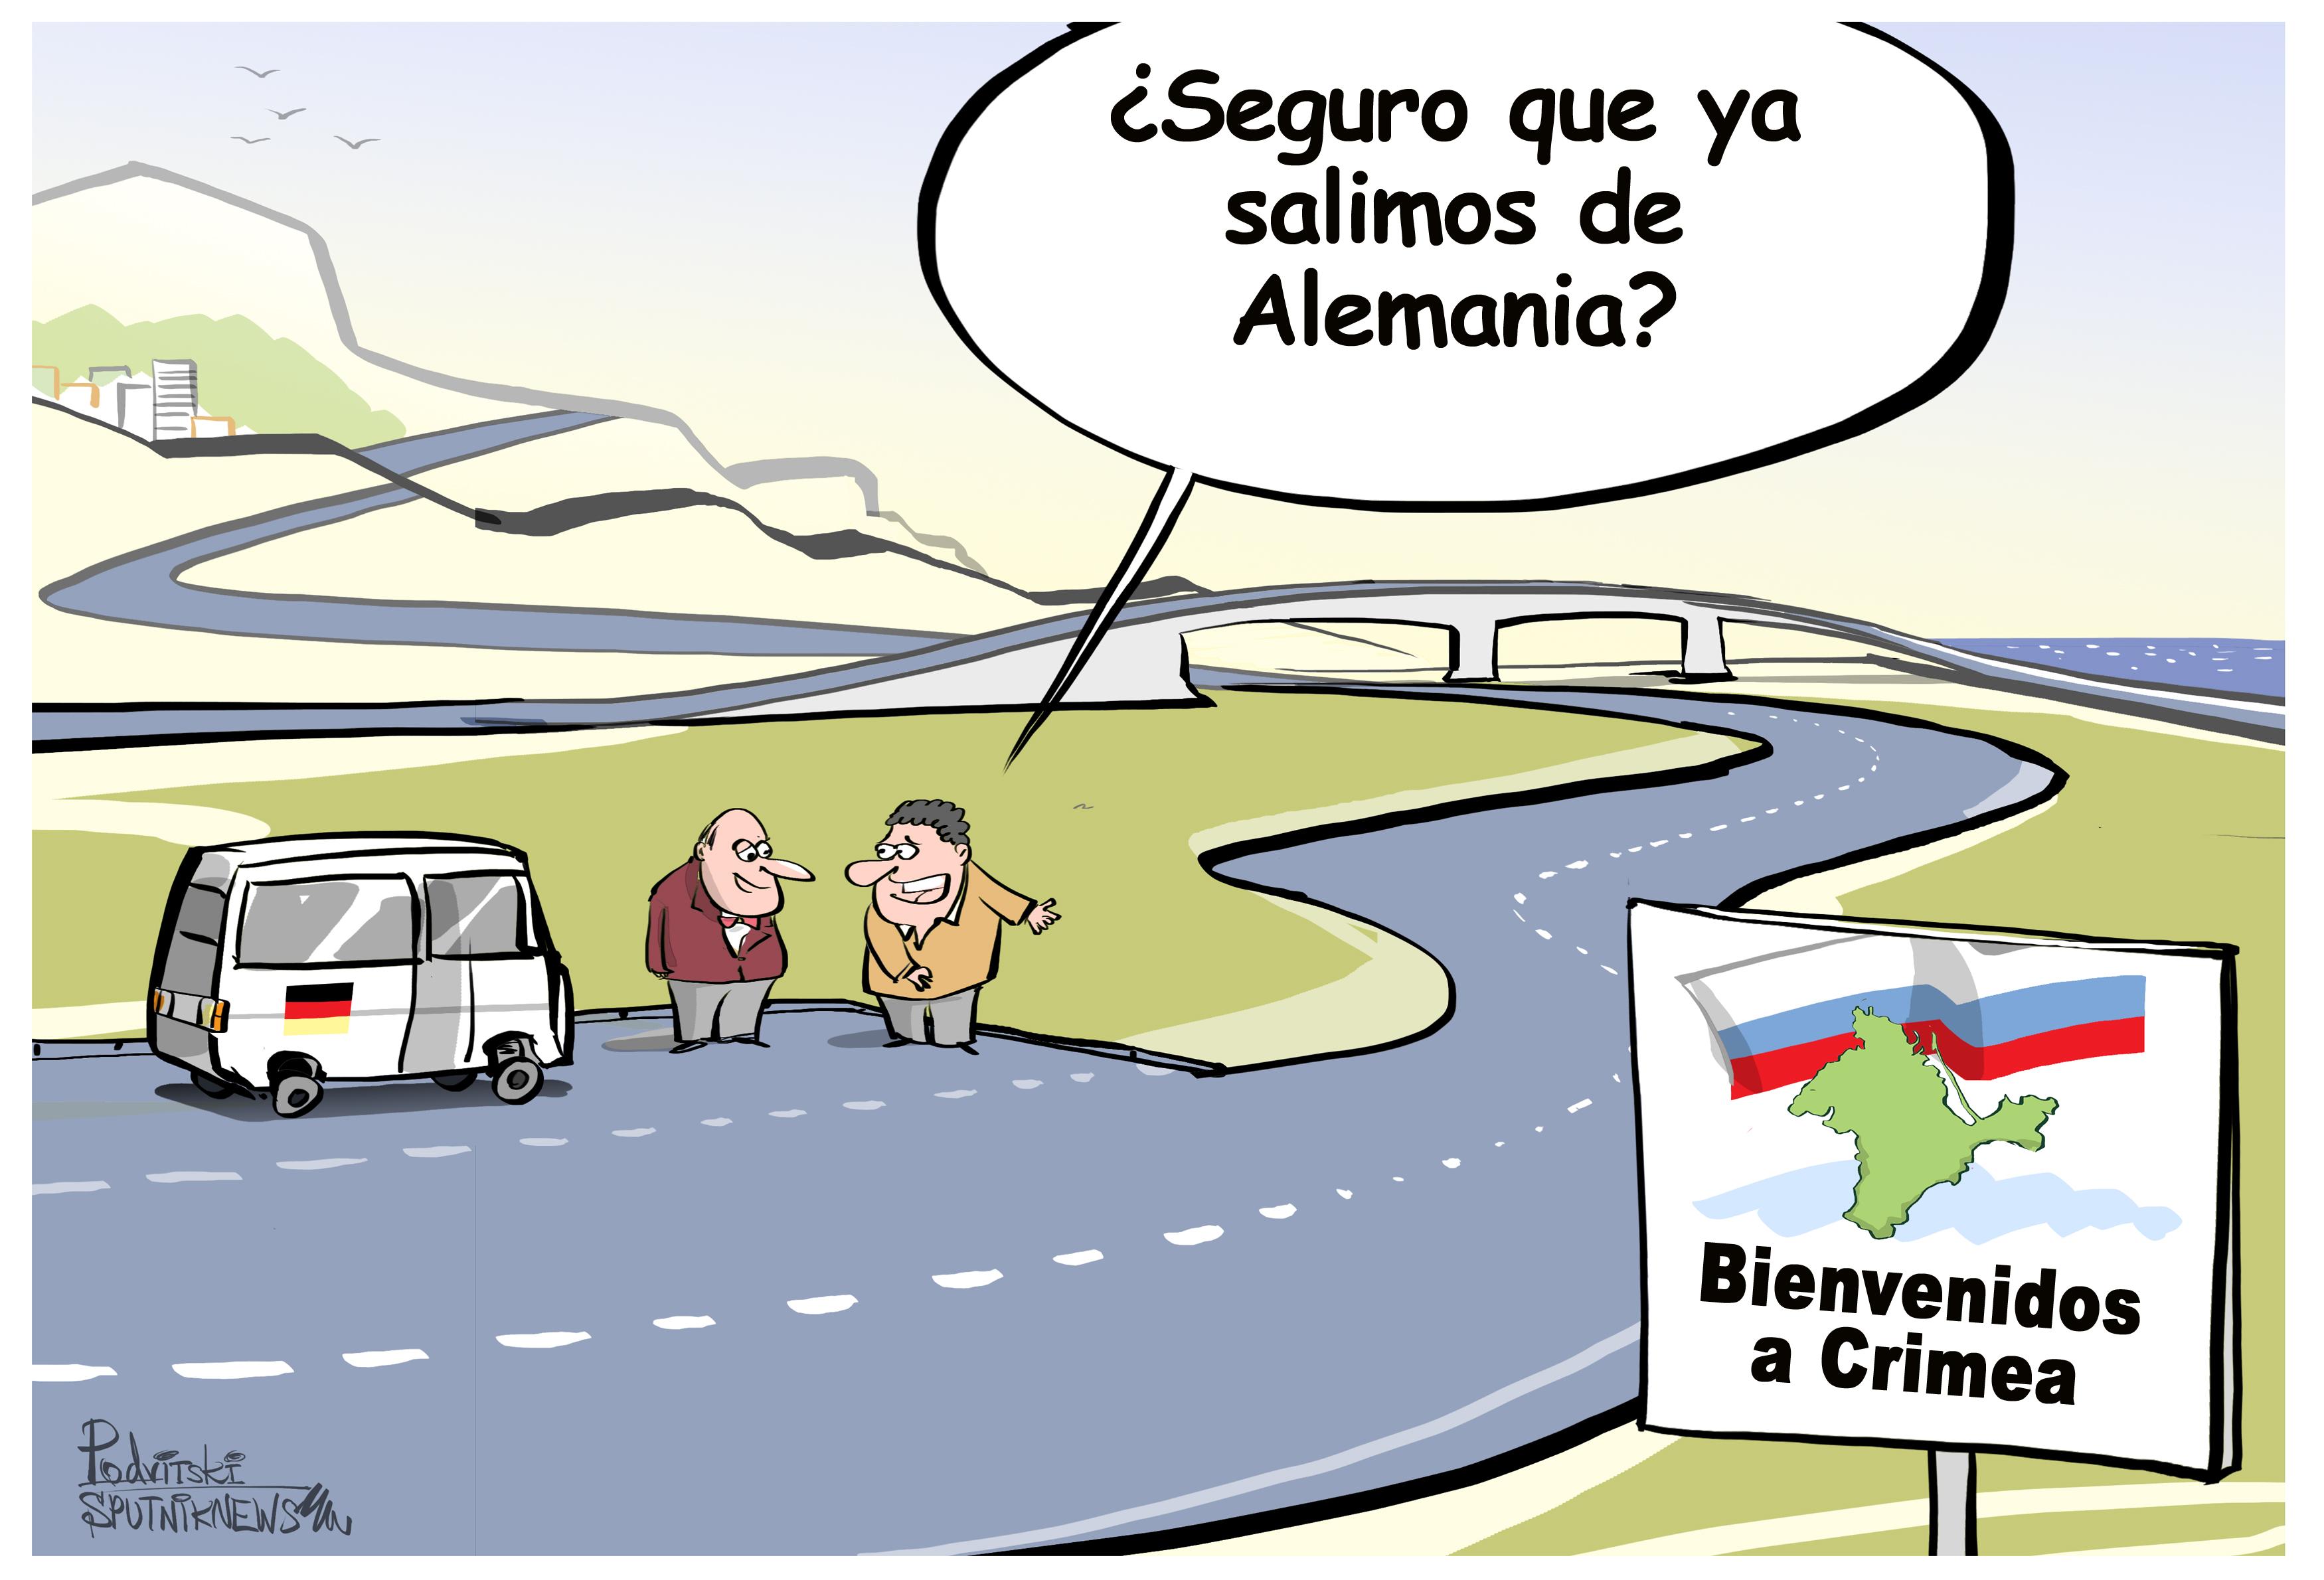 Los políticos alemanes llegan a Crimea y se quedan  boquiabiertos